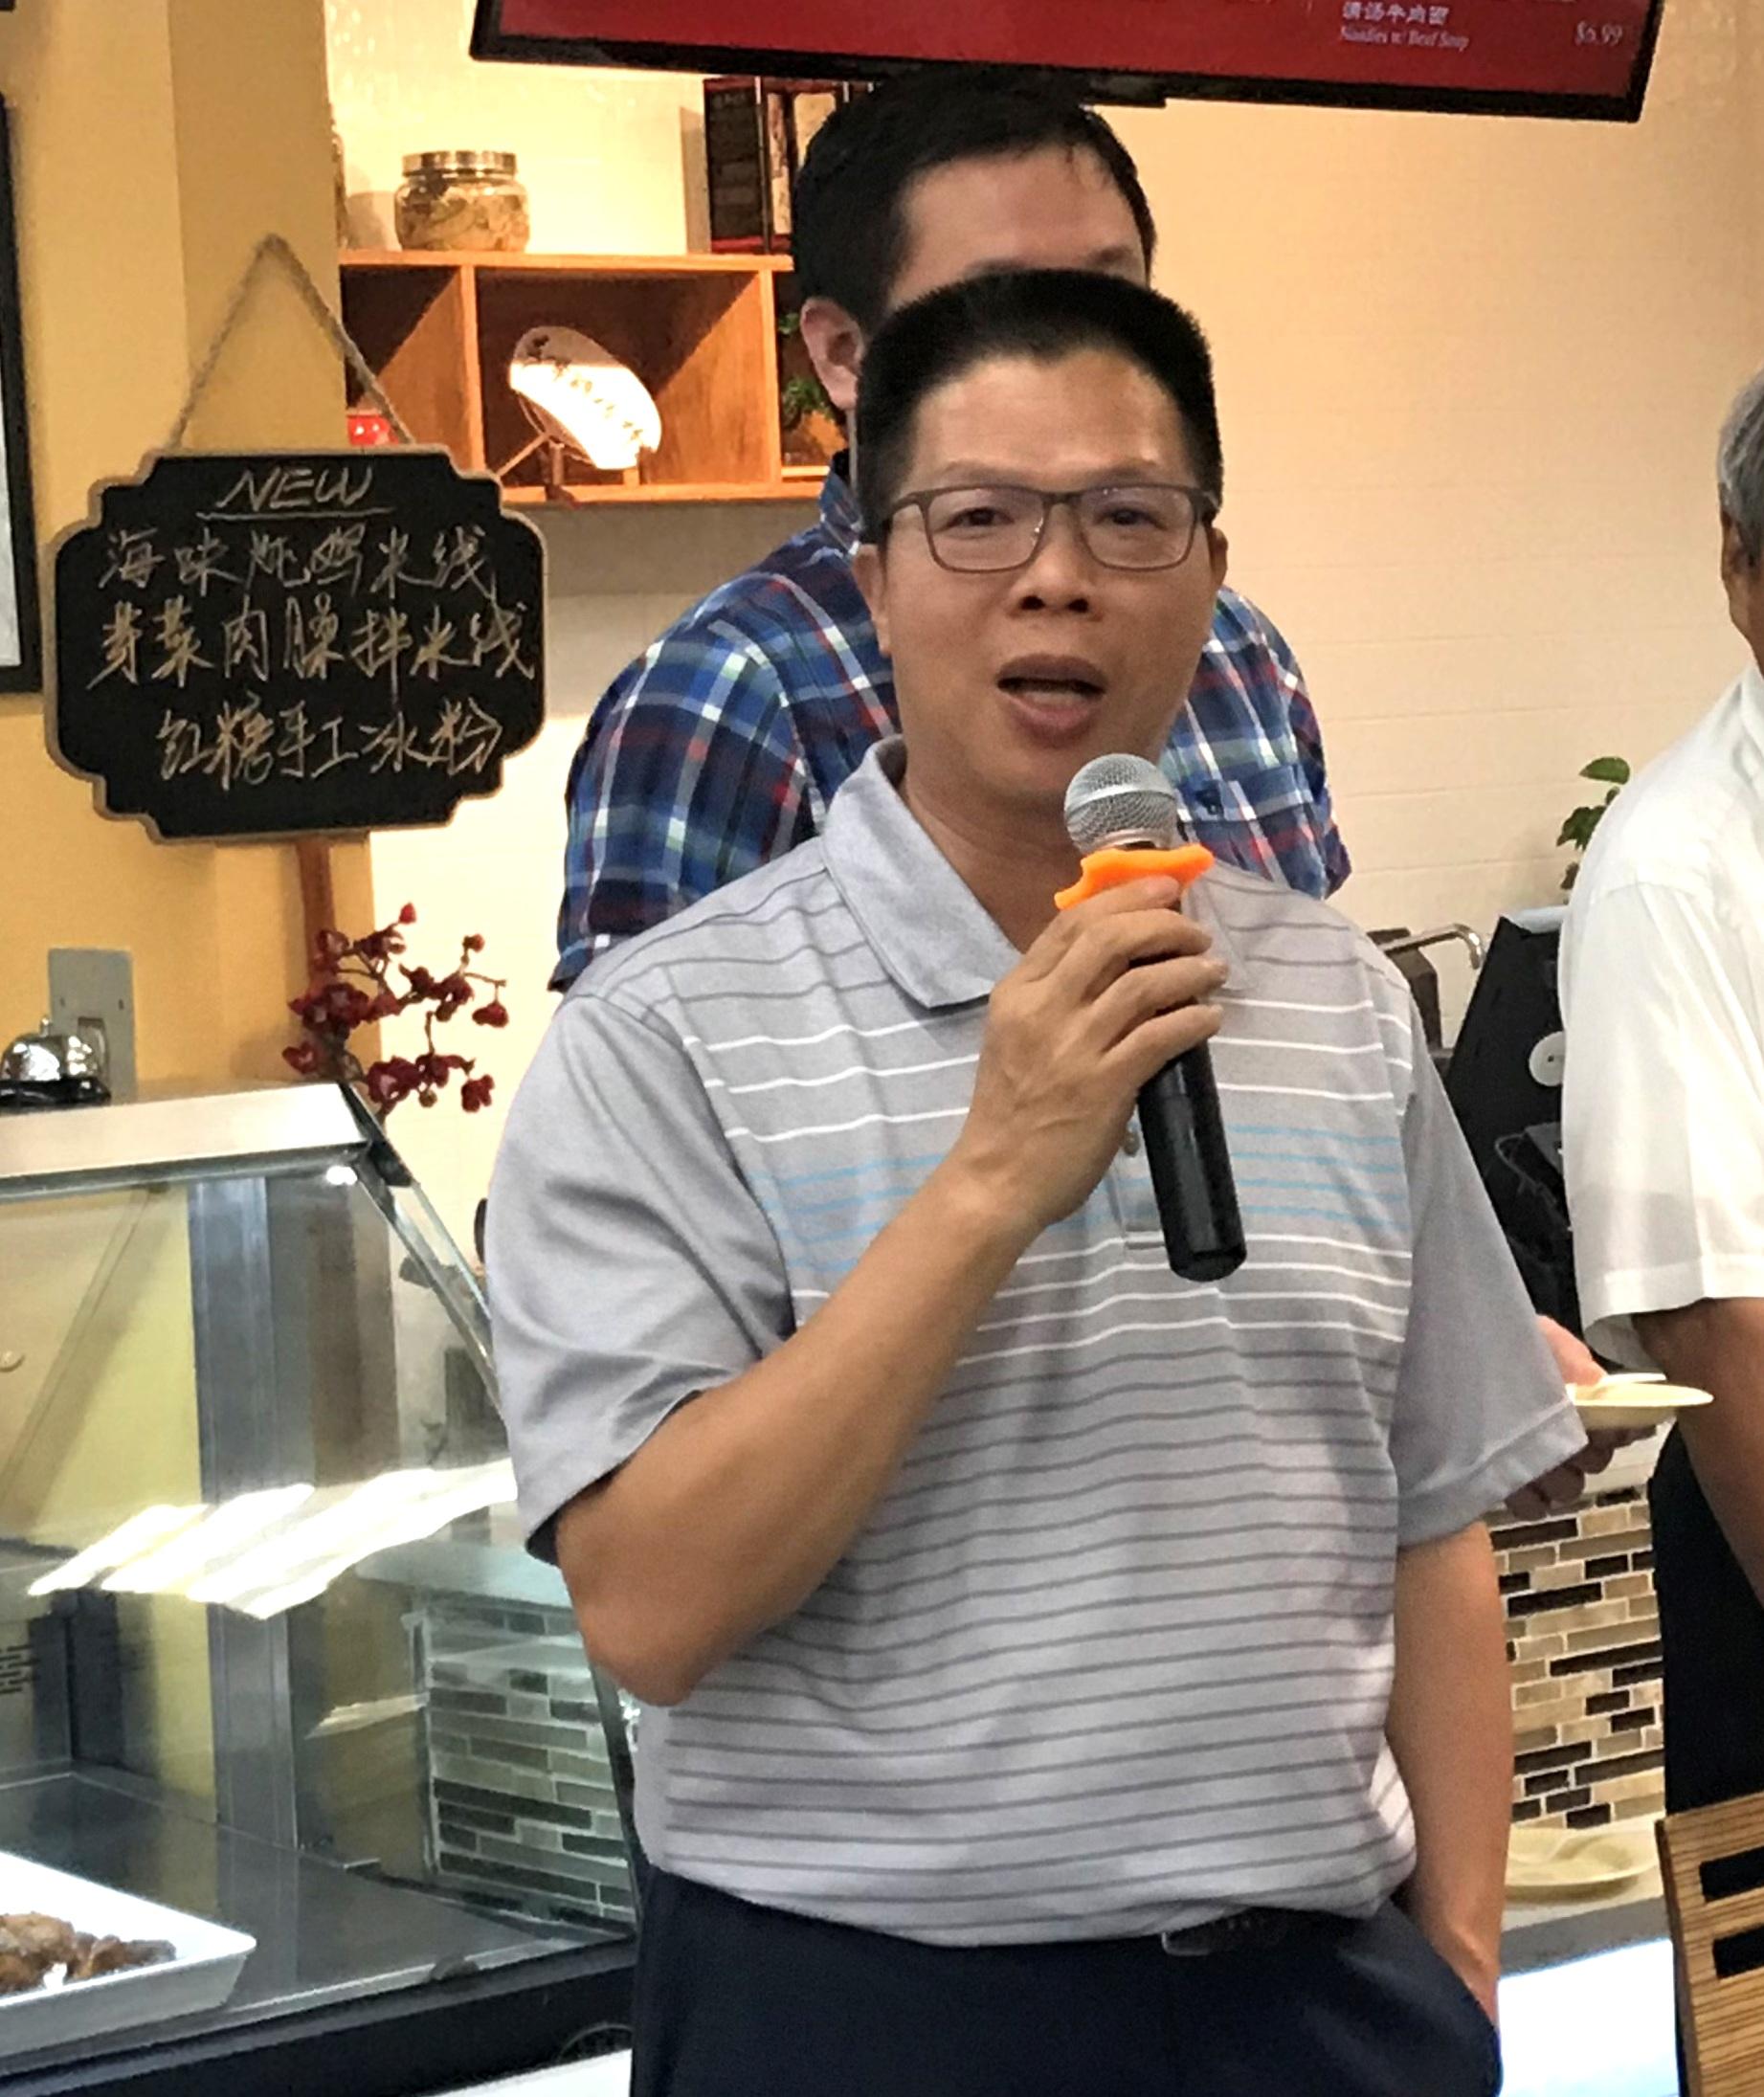 美國味全食品休士頓公司李樂罡贊助活動,贈送有機醬油。(記者盧淑君/攝影)